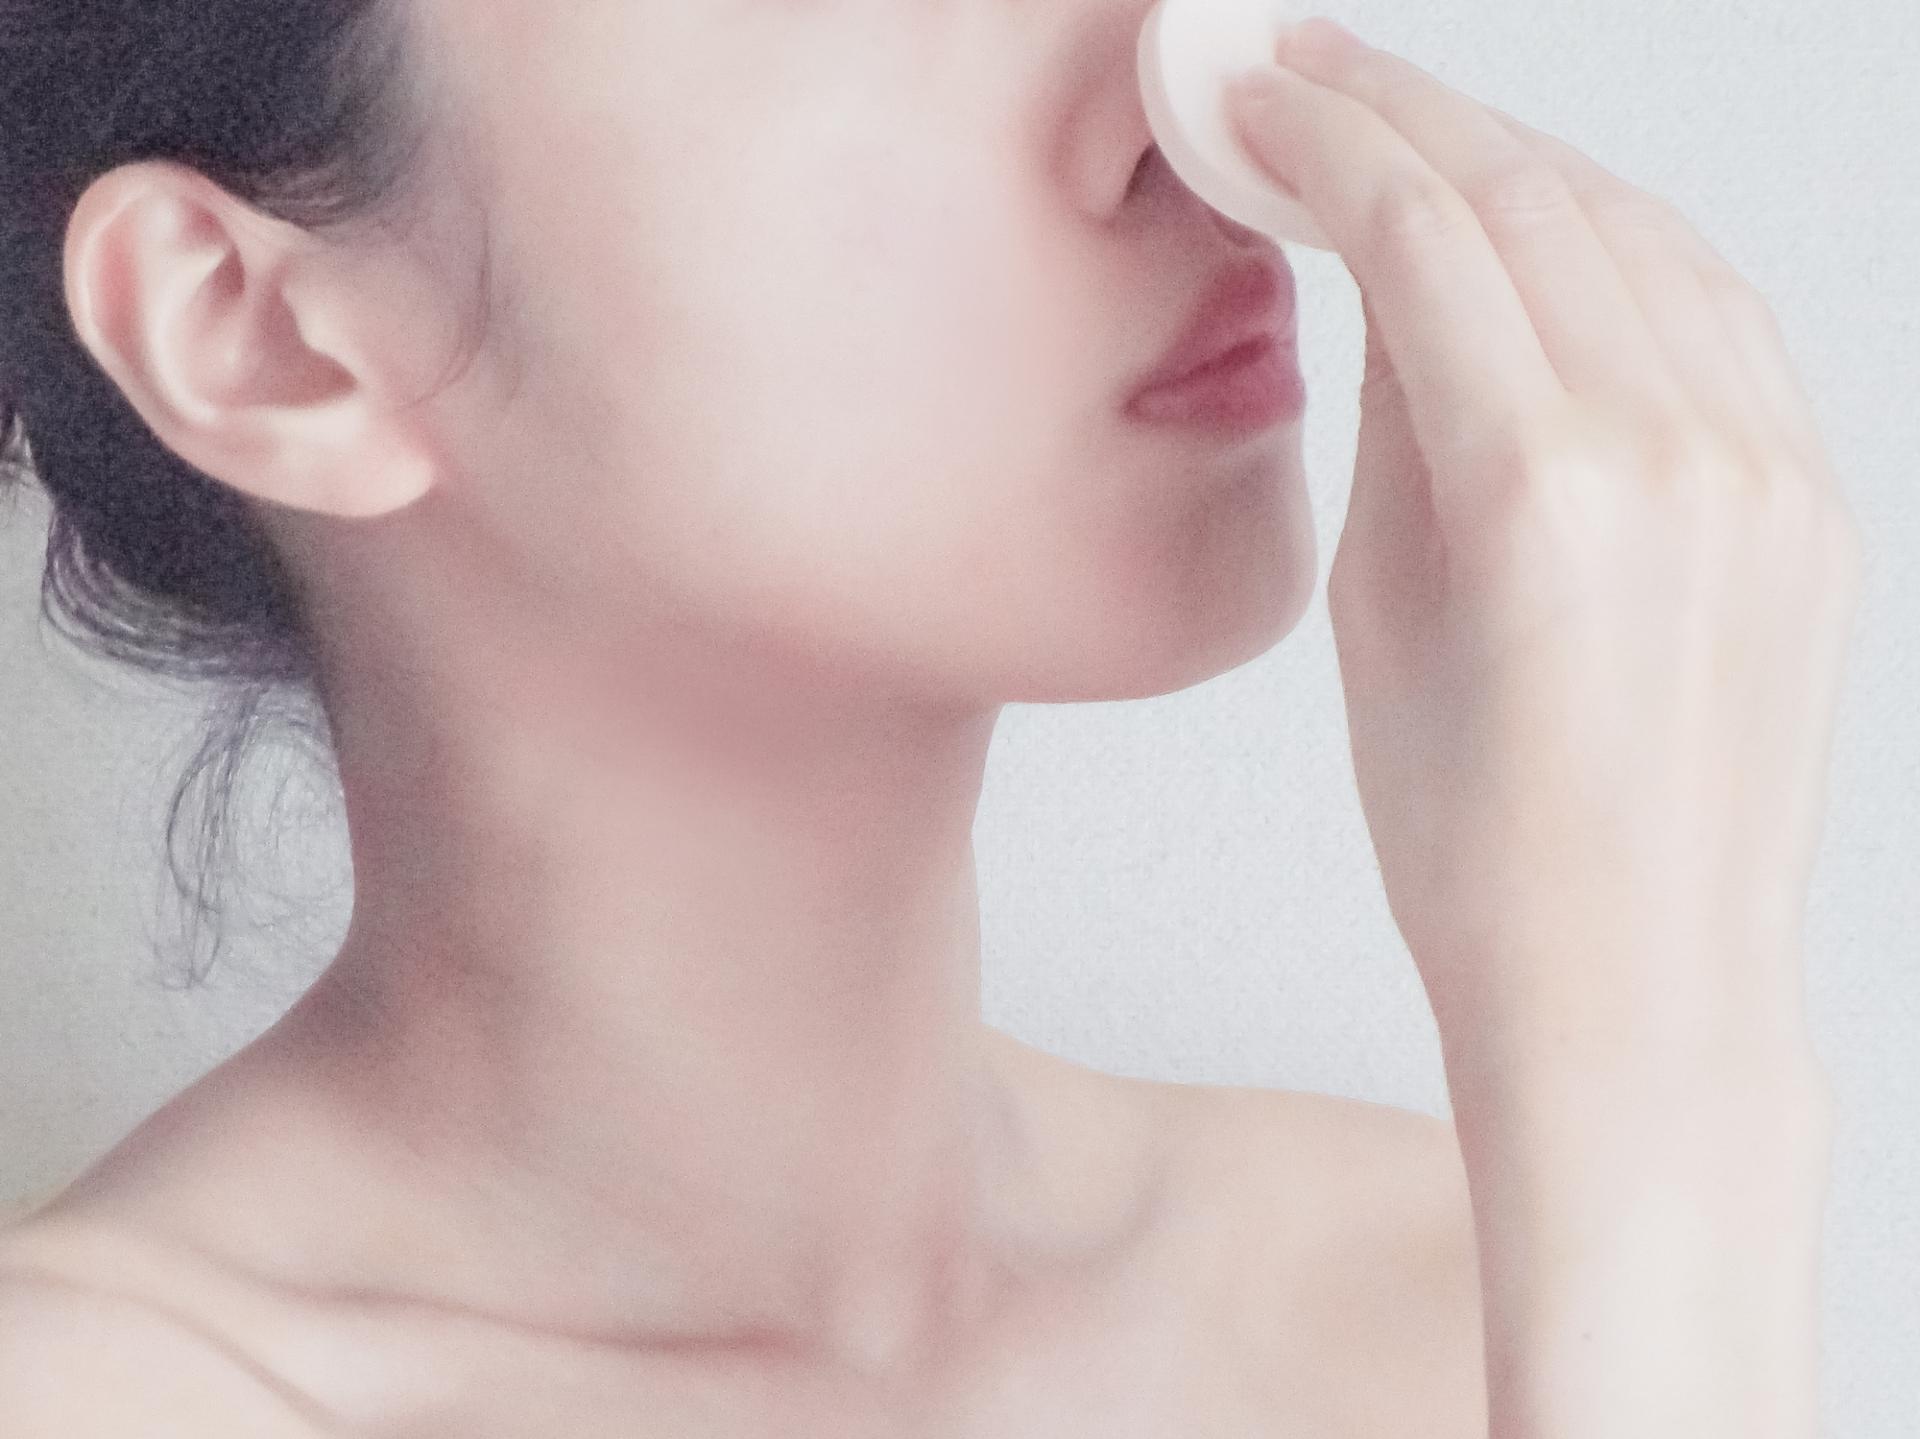 鼻の化粧崩れがひどい!原因と対処法について